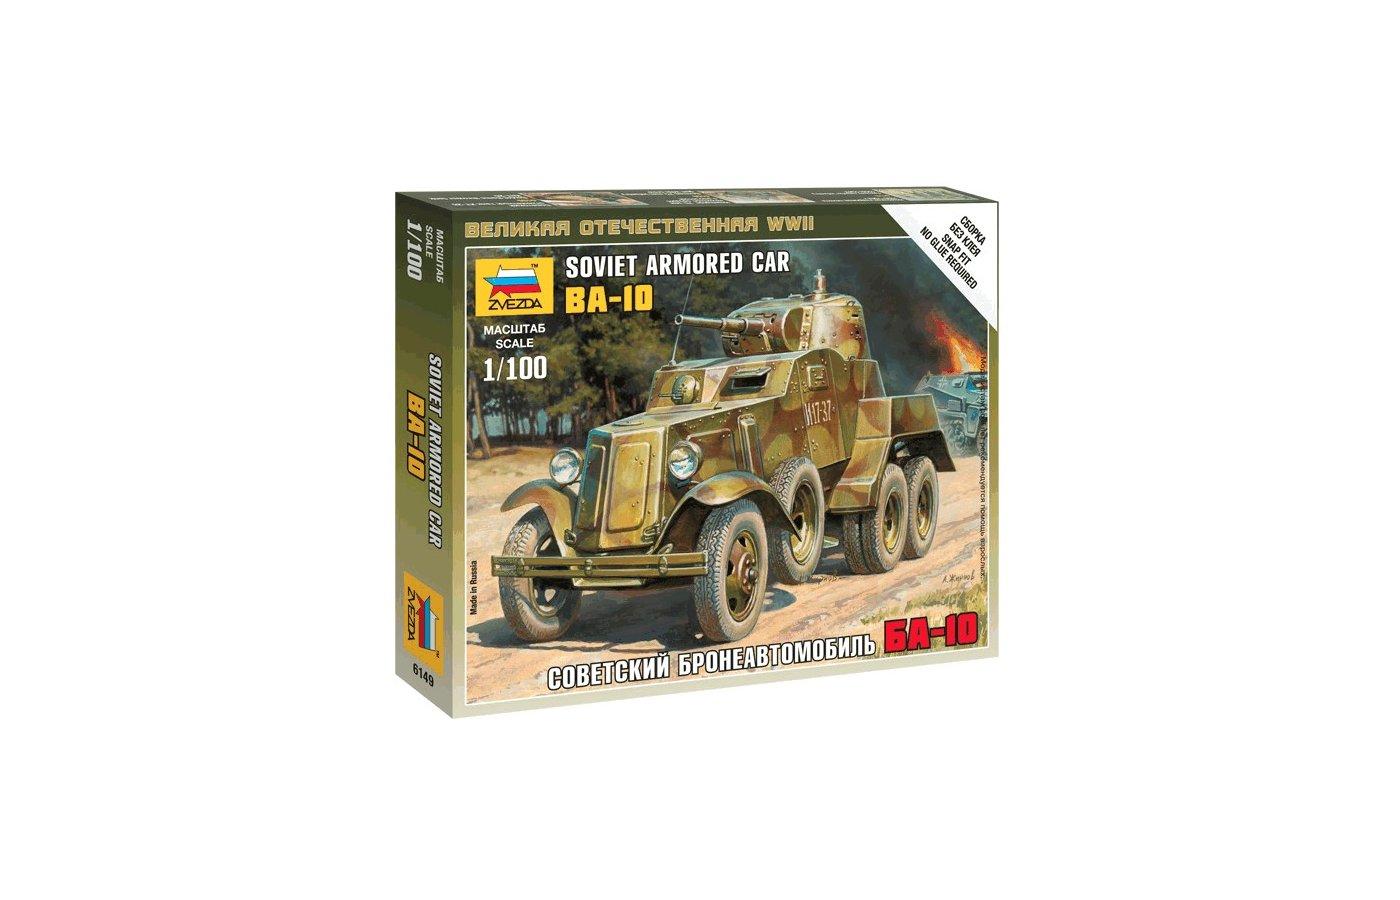 Конструктор ЗВЕЗДА 6149 Советский бронеавтомобиль Ба-10